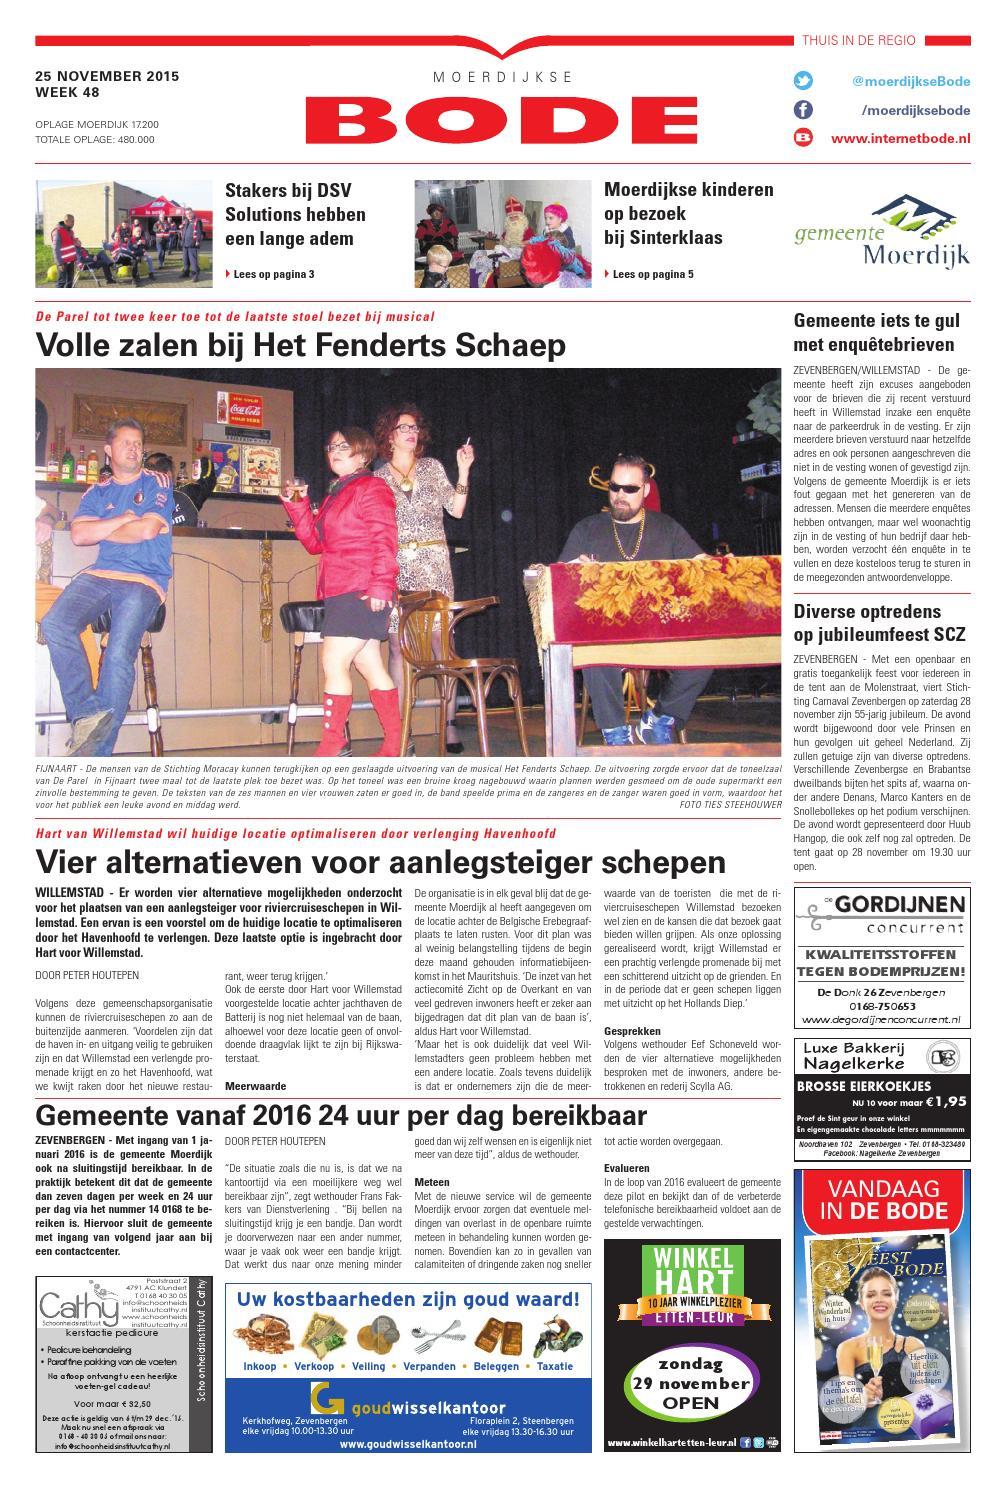 Moerdijkse Bode 25-11-2015 by Uitgeverij de Bode - issuu